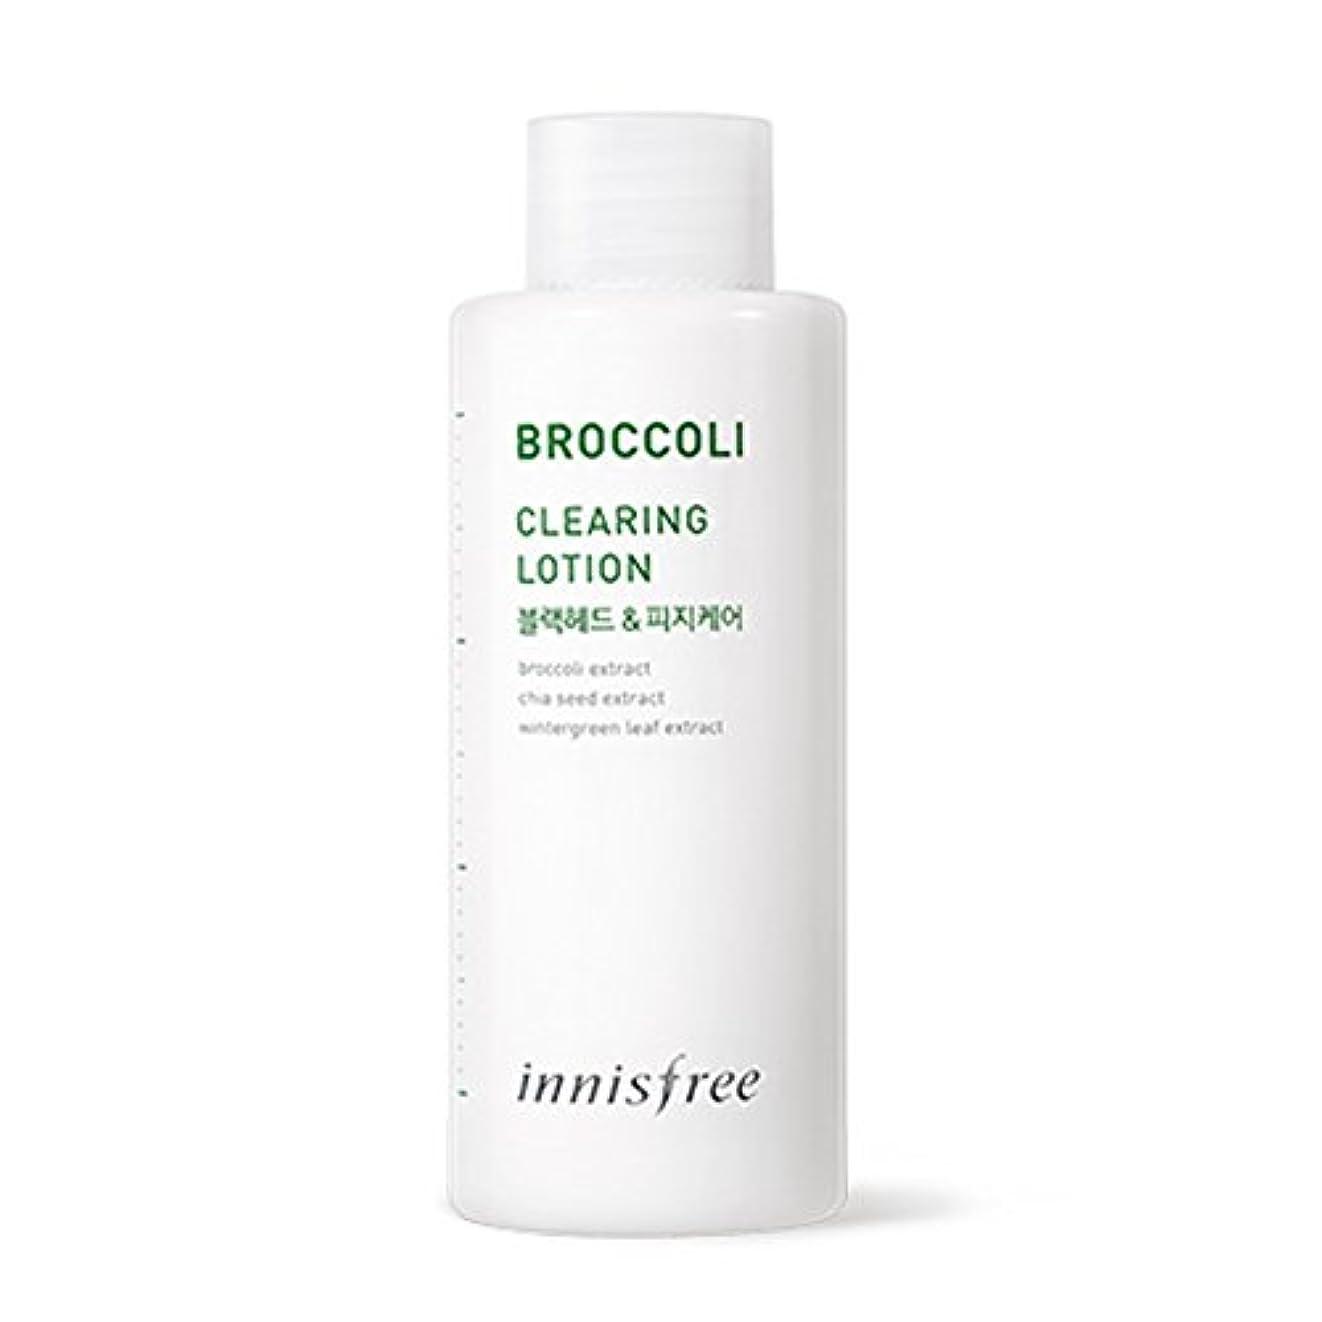 サポート月曜下品イニスフリーブロッコリークリアリングローション(エマルジョン)130ml Innisfree Broccoli Clearing Lotion(Emulsion) 130ml [海外直送品][並行輸入品]